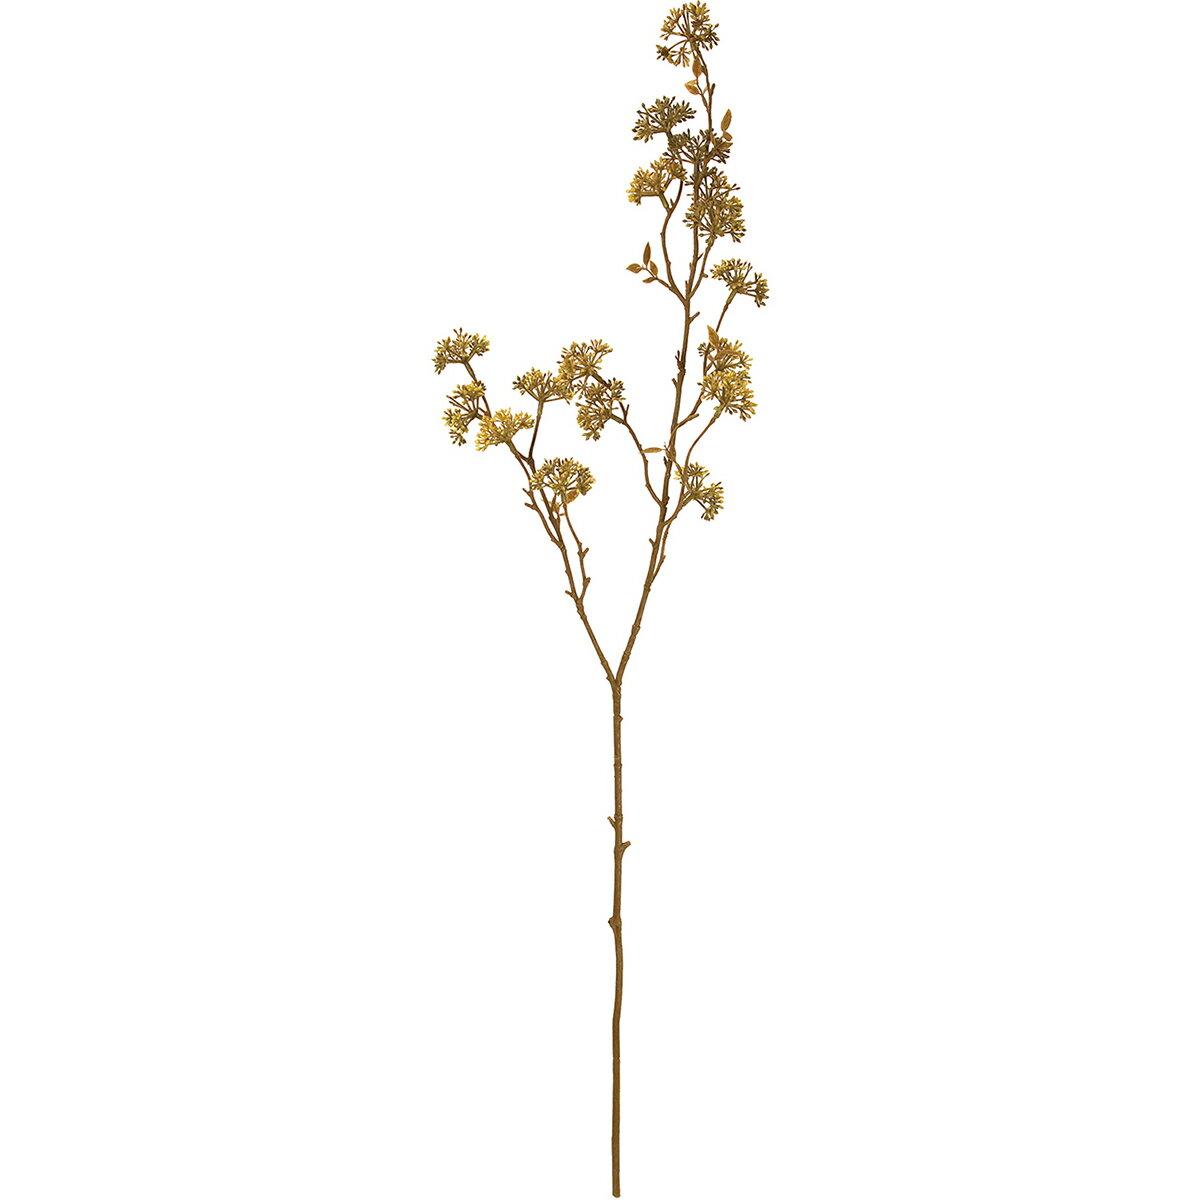 【造花】MAGIQ(東京堂)/フロックディルスプレー ブラウン/FM002155【01】【取寄】《 造花(アーティフィシャルフラワー) 造花枝物 その他の造花枝物 》